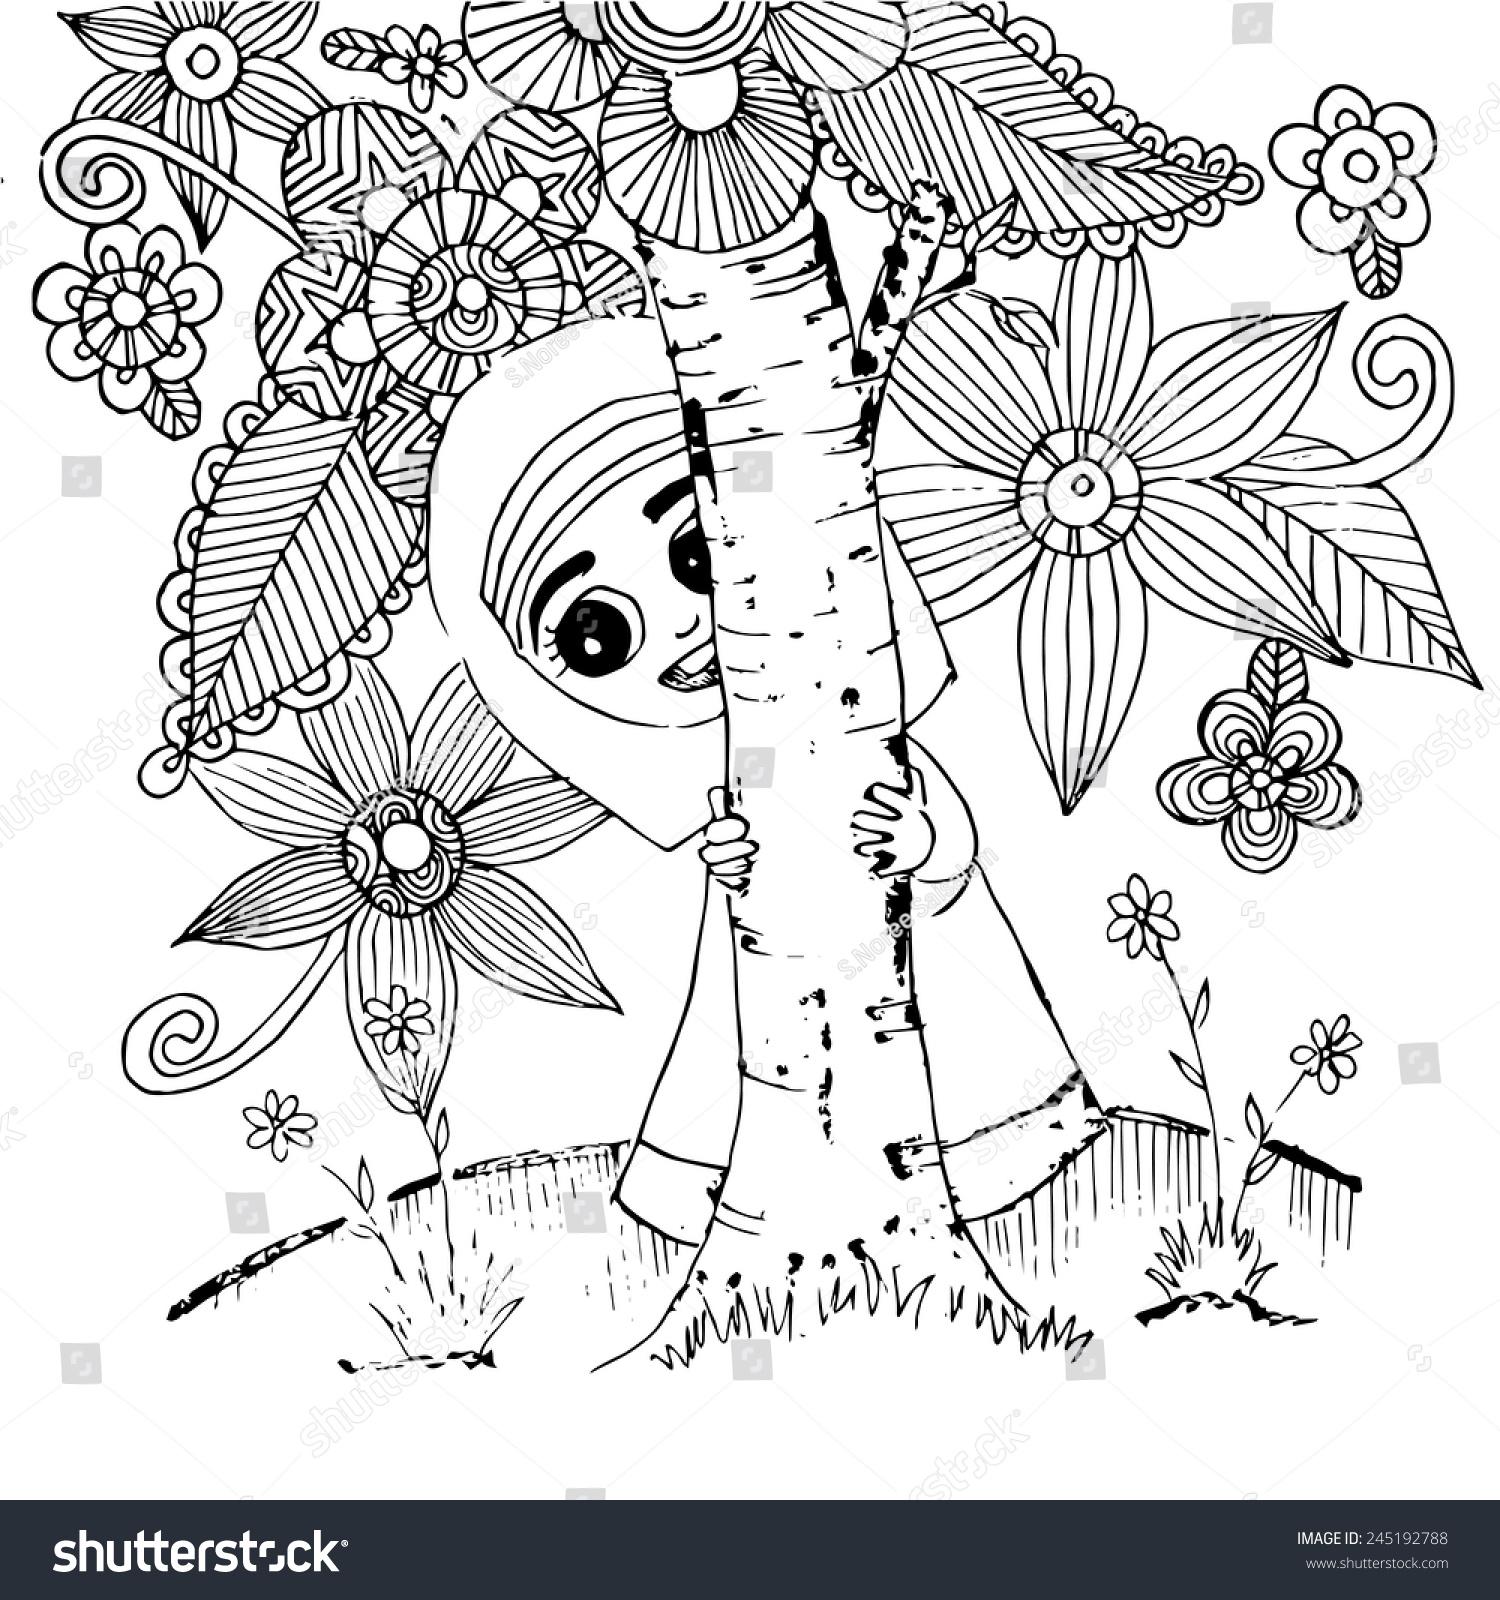 保护树木创意画